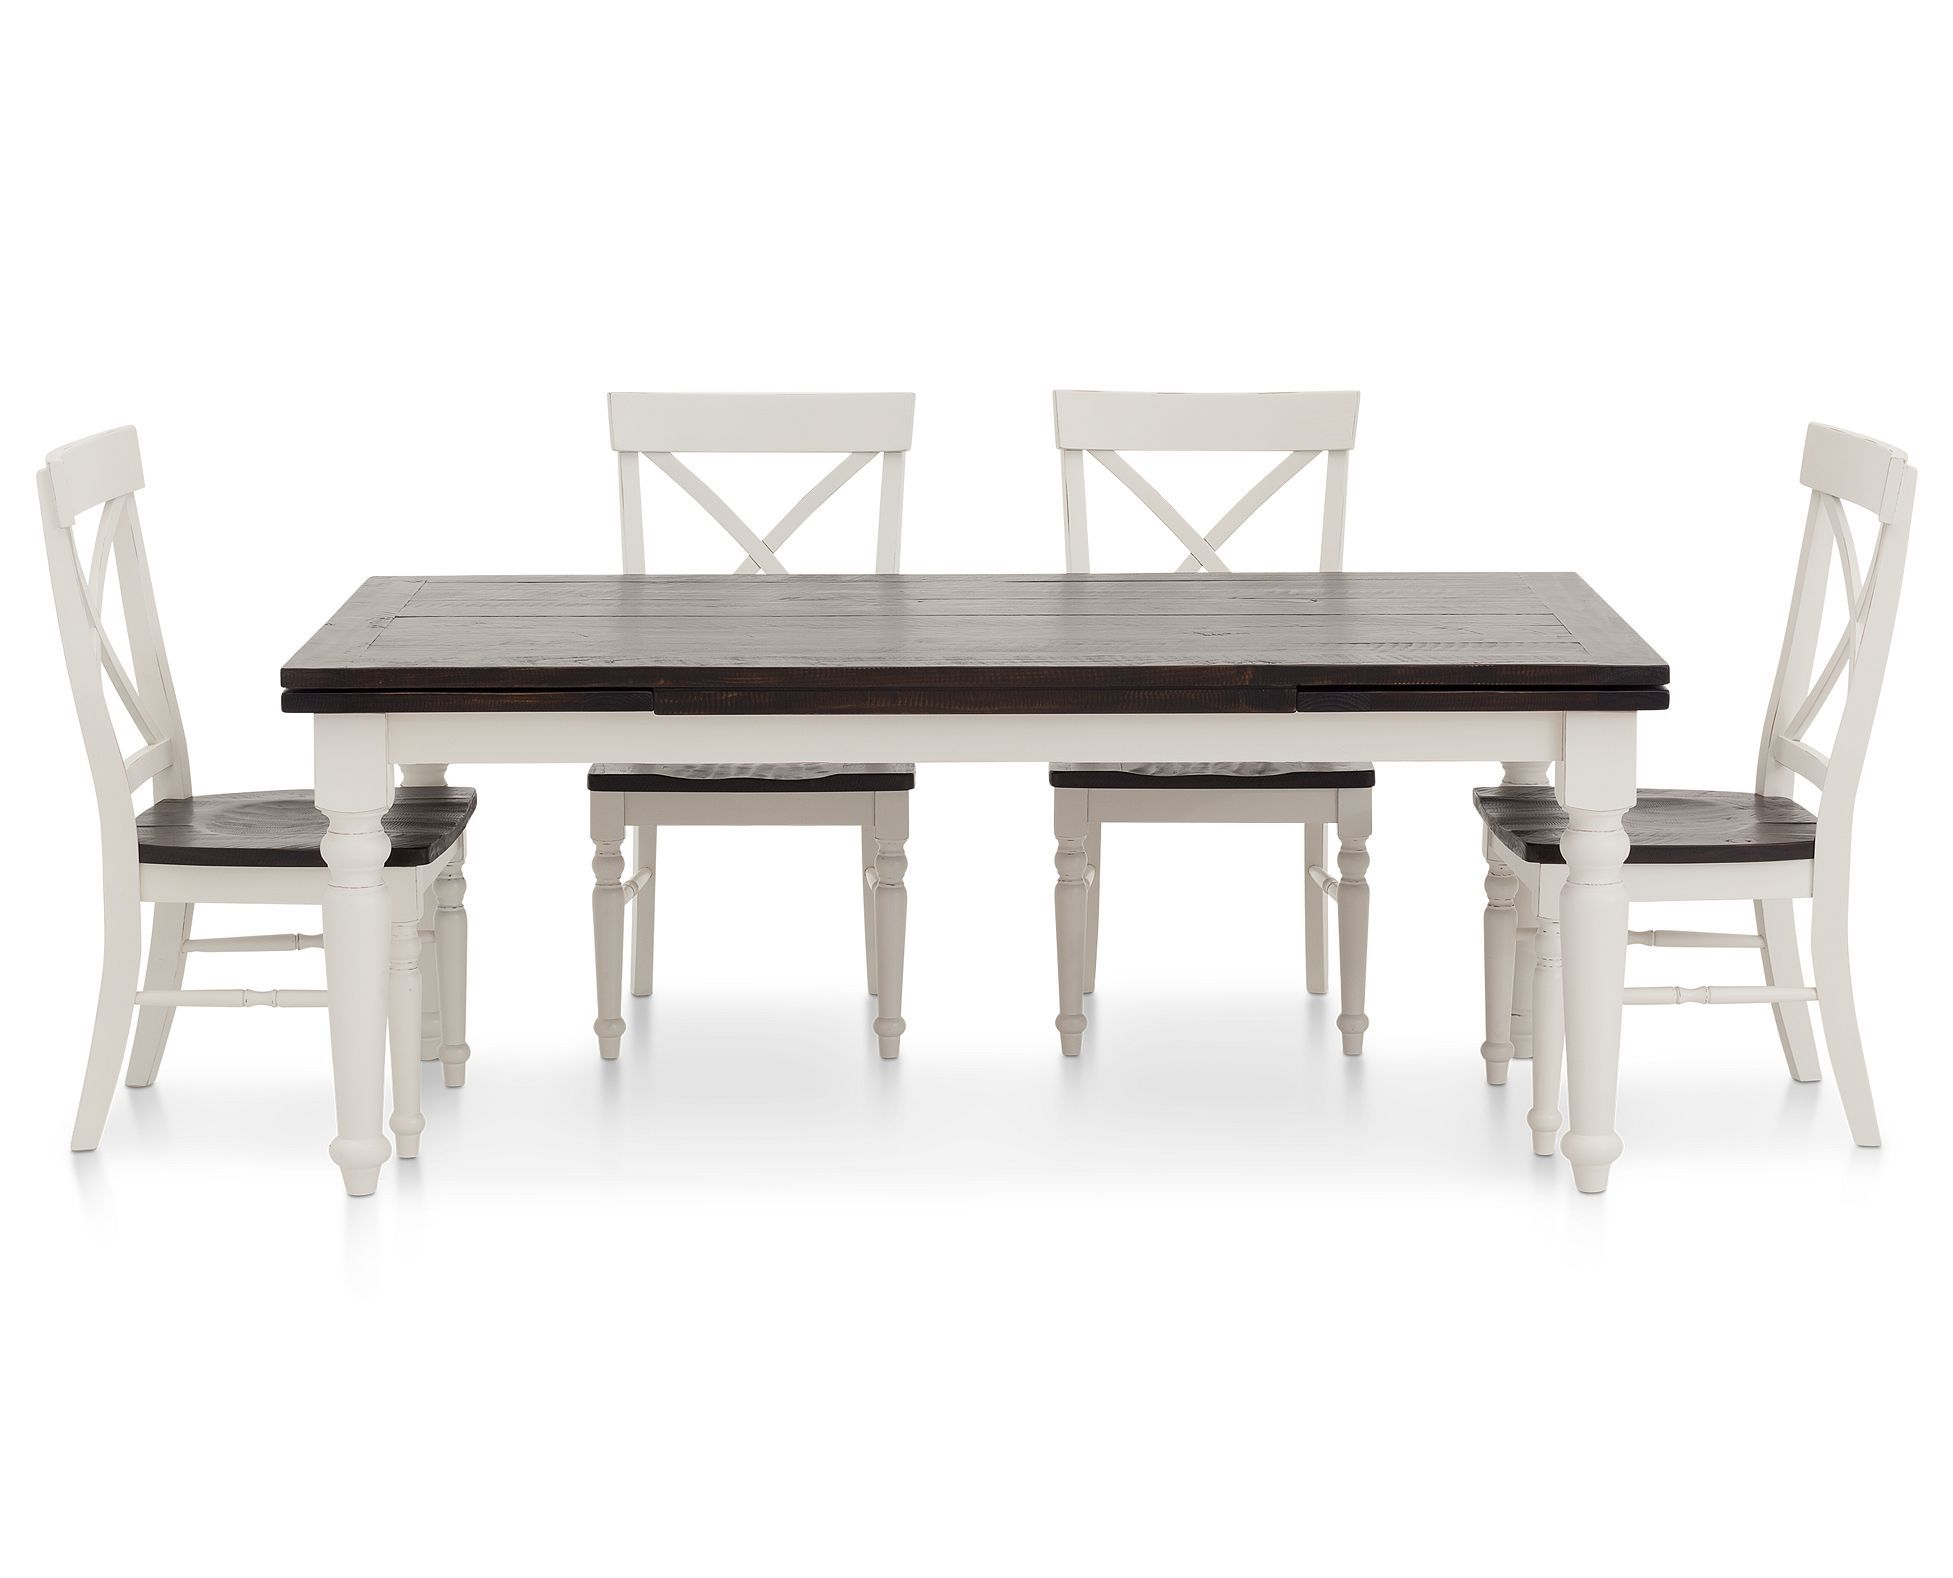 0d87257024dd24534f7c1cae27600290 Unique De Table Salle A Manger Design Schème